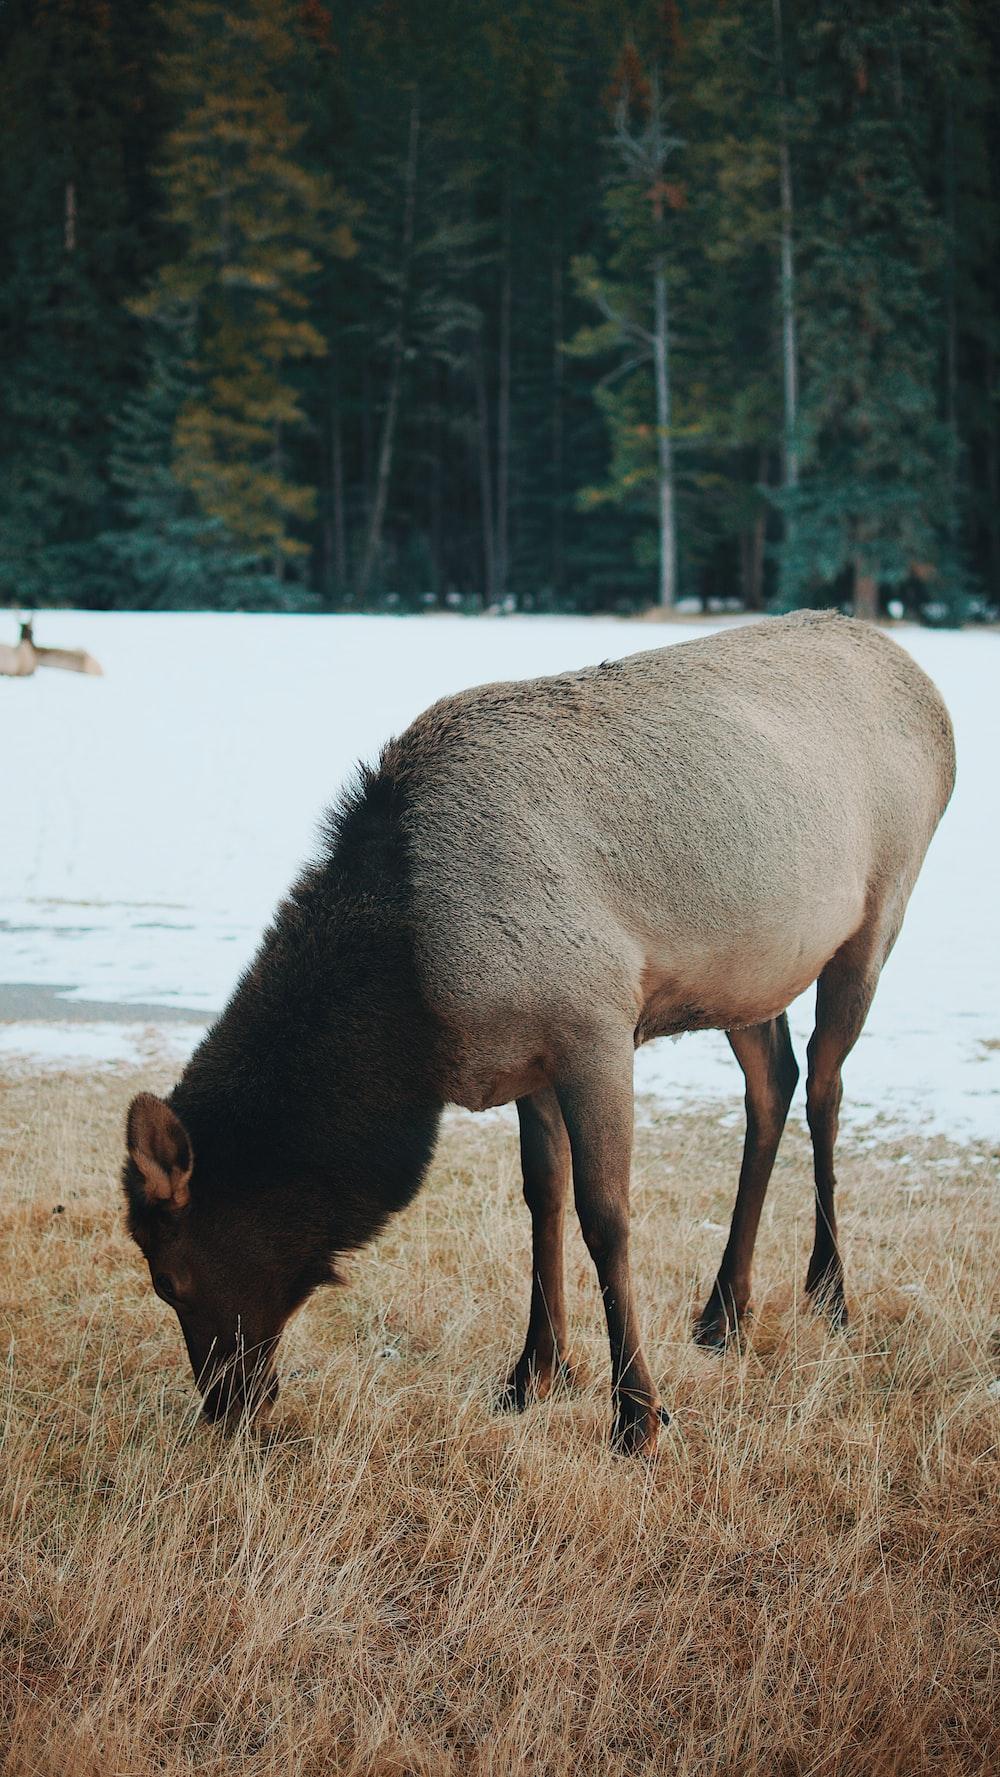 gray animal eating grass